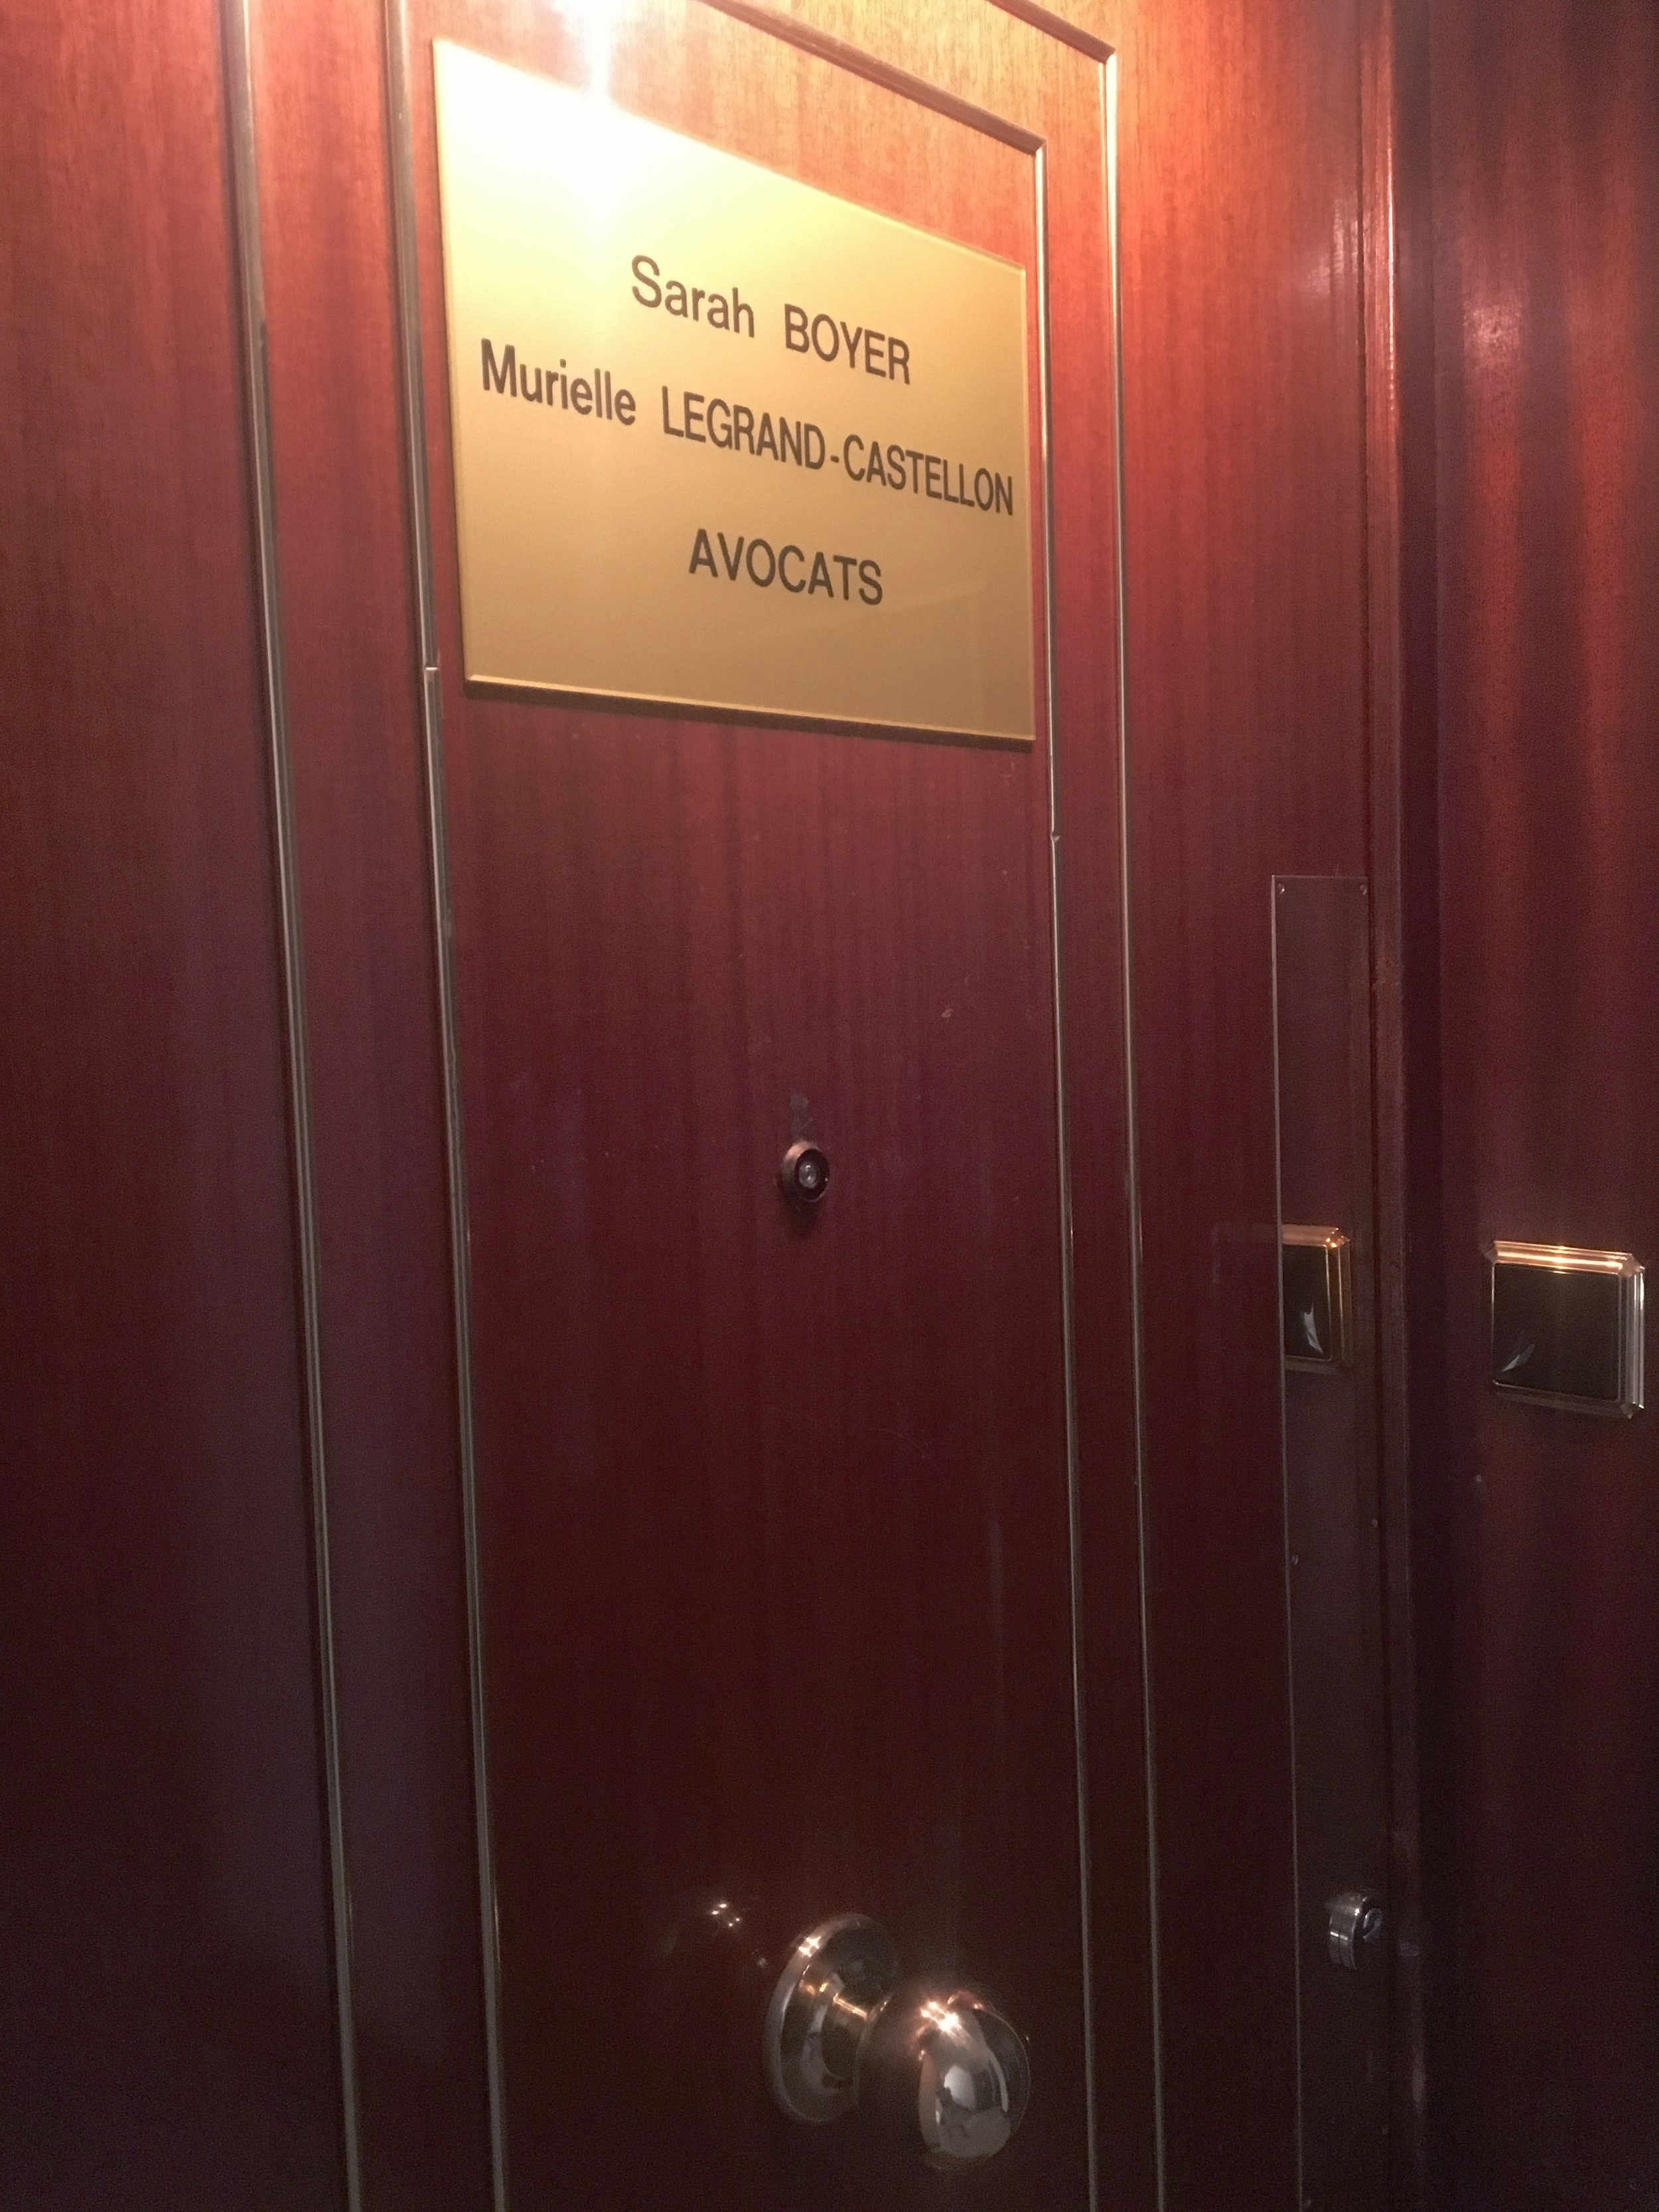 - Le Cabinet d'Avocat de Maître Murielle LEGRAND-CASTELLON est situé 60 rue Mazenod dans le 3è arrondissement de Lyon, à proximité de la place Guichard, dans le quartier du Palais de justice .Murielle LEGRAND-CASTELLON est en partage de bureaux avec sa Consoeur Maître Sarah BOYER, Avocate au Barreau de Lyon.L'Avocat reçoit en consultation uniquement sur rendez-vous.